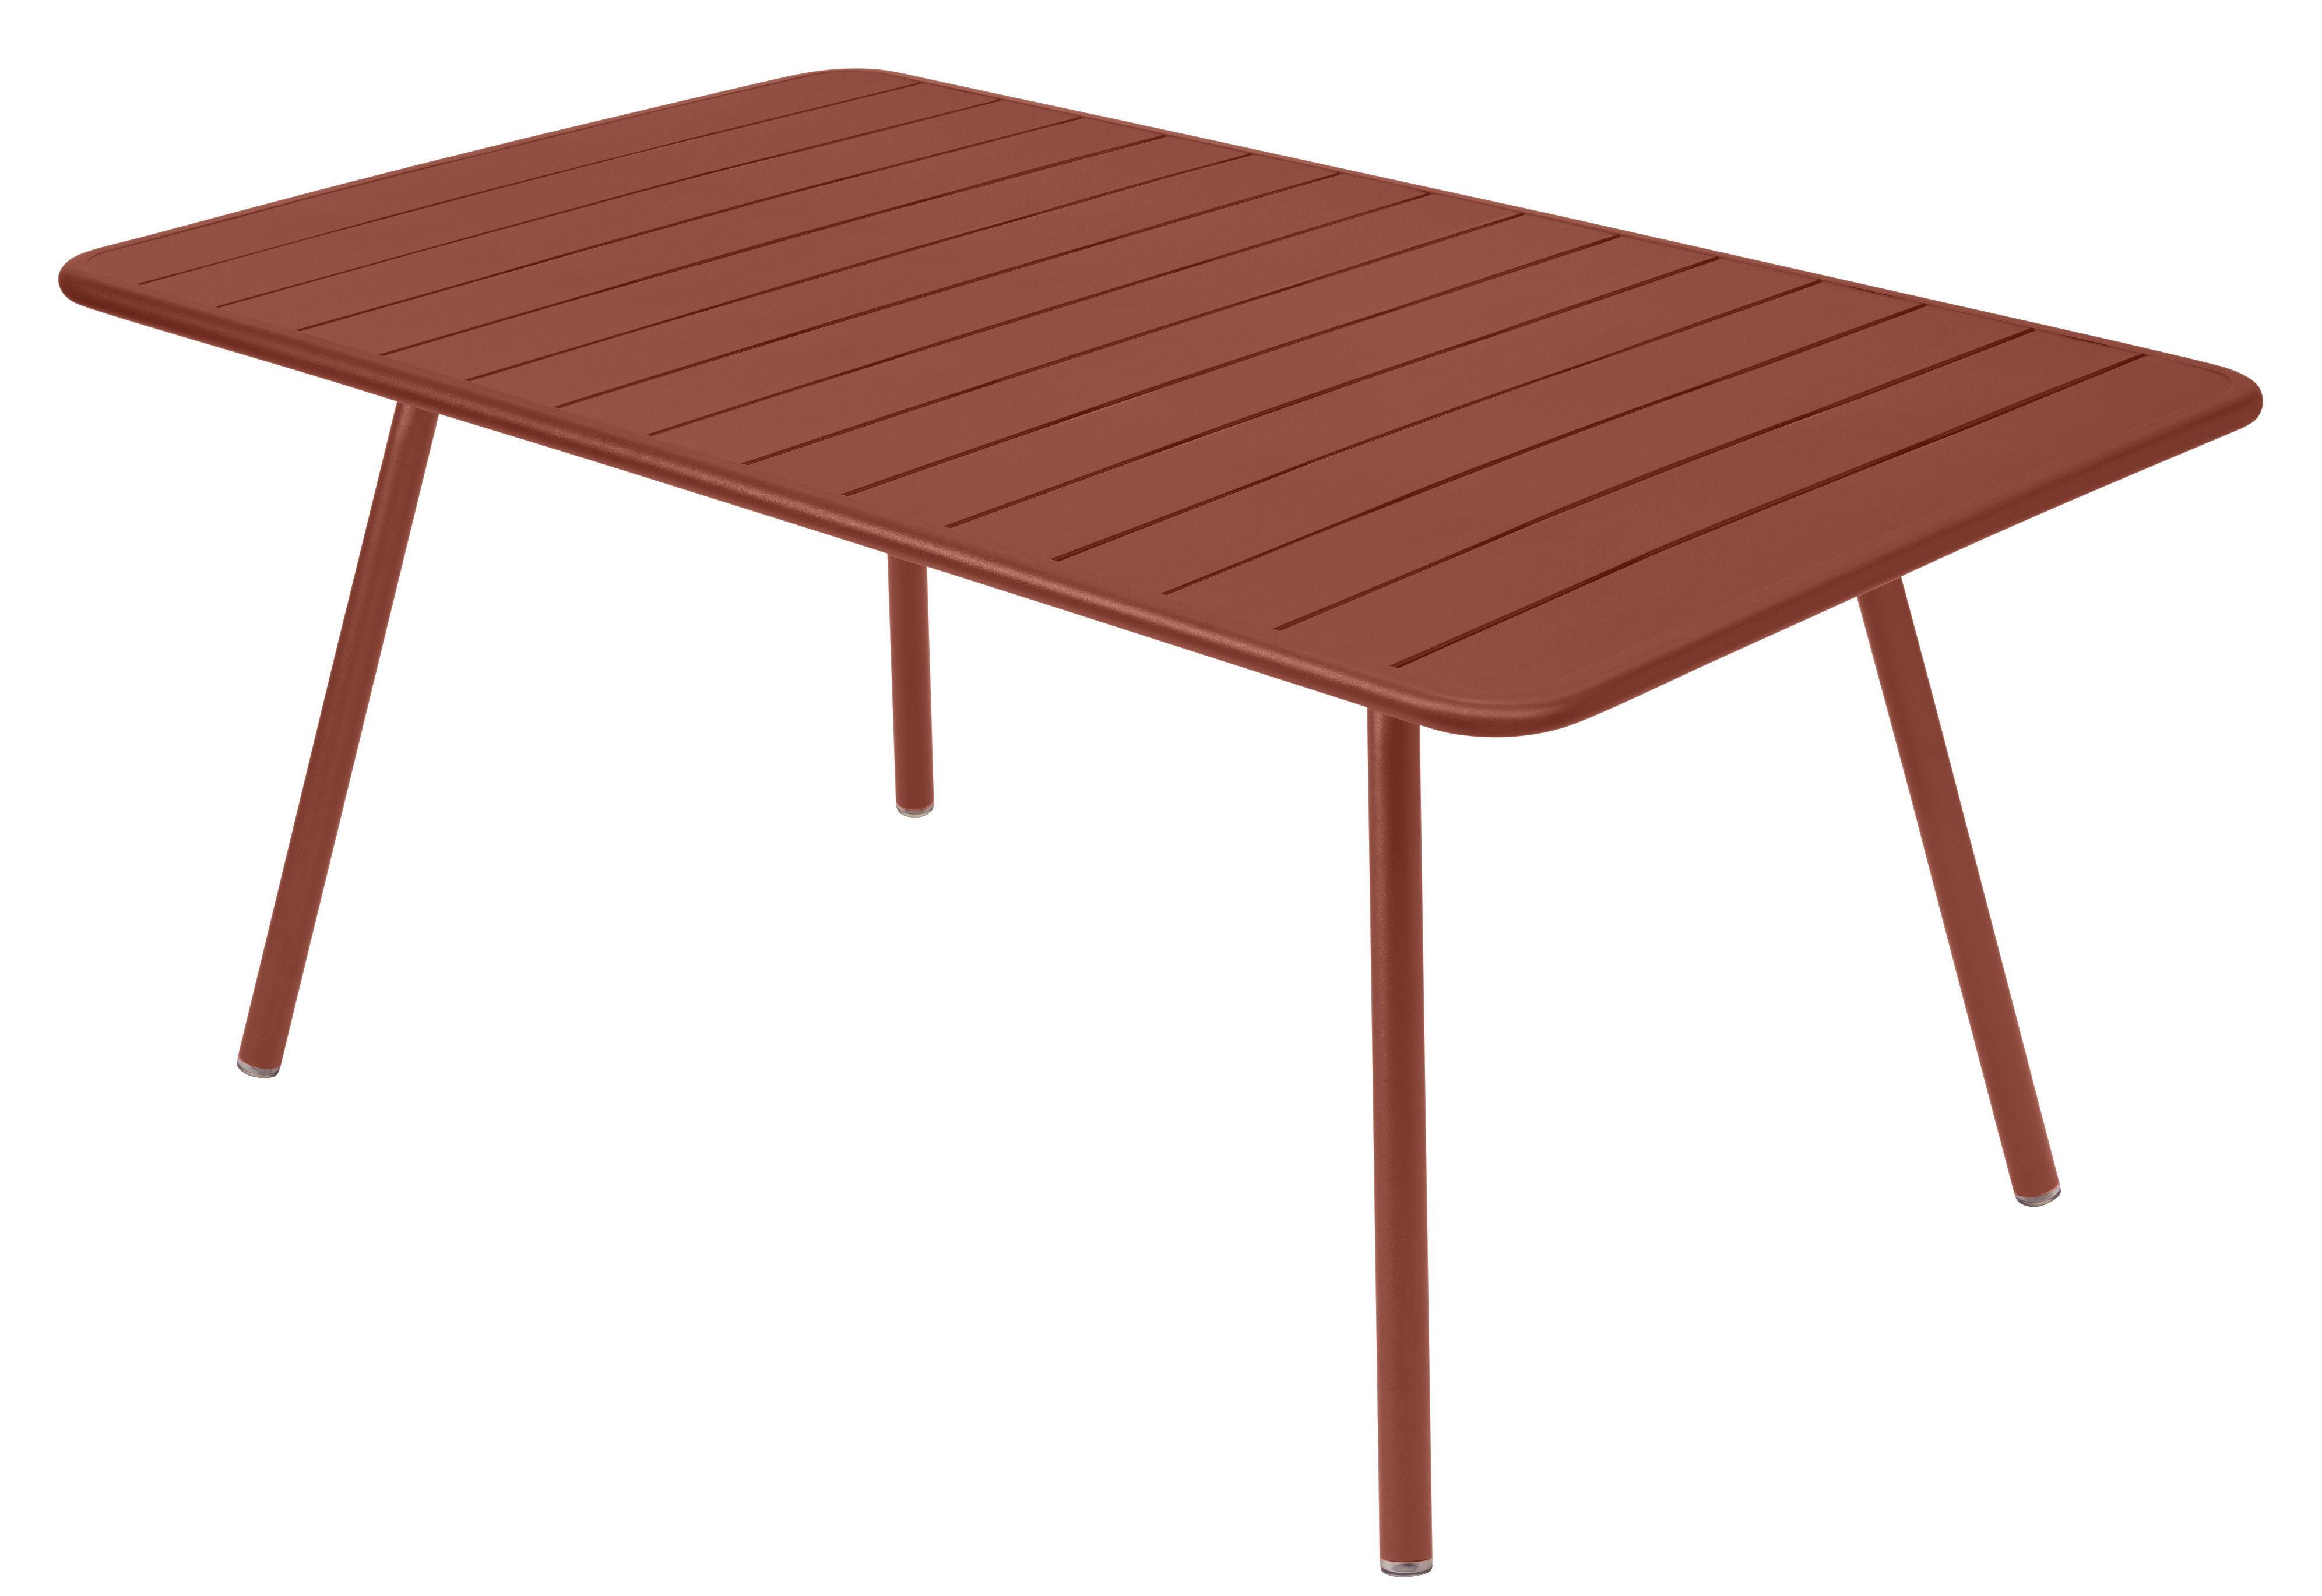 Outdoor - Tables de jardin - Table rectangulaire Luxembourg / 6 à 8 personnes - 165 x 100 cm - Fermob - Ocre rouge - Aluminium laqué